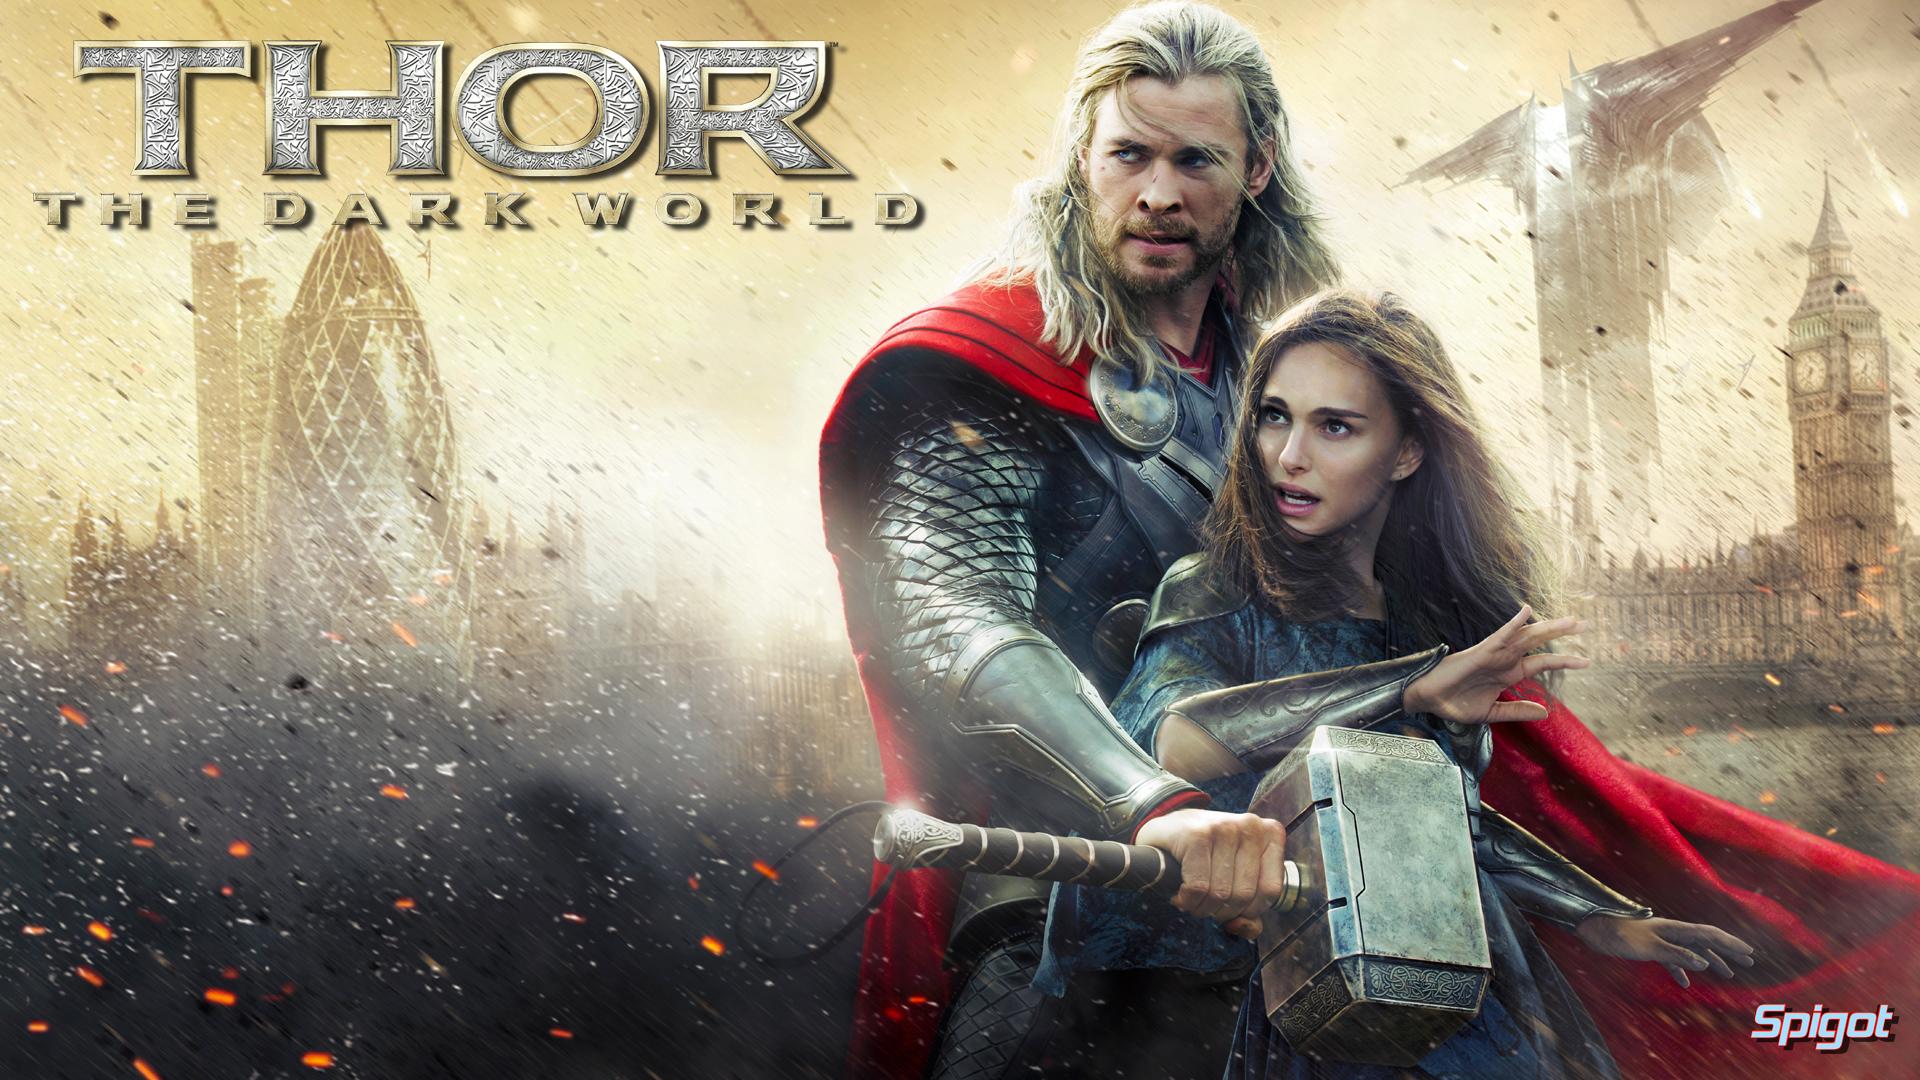 Thor The Dark World Wallpaper George Spigot S Blog